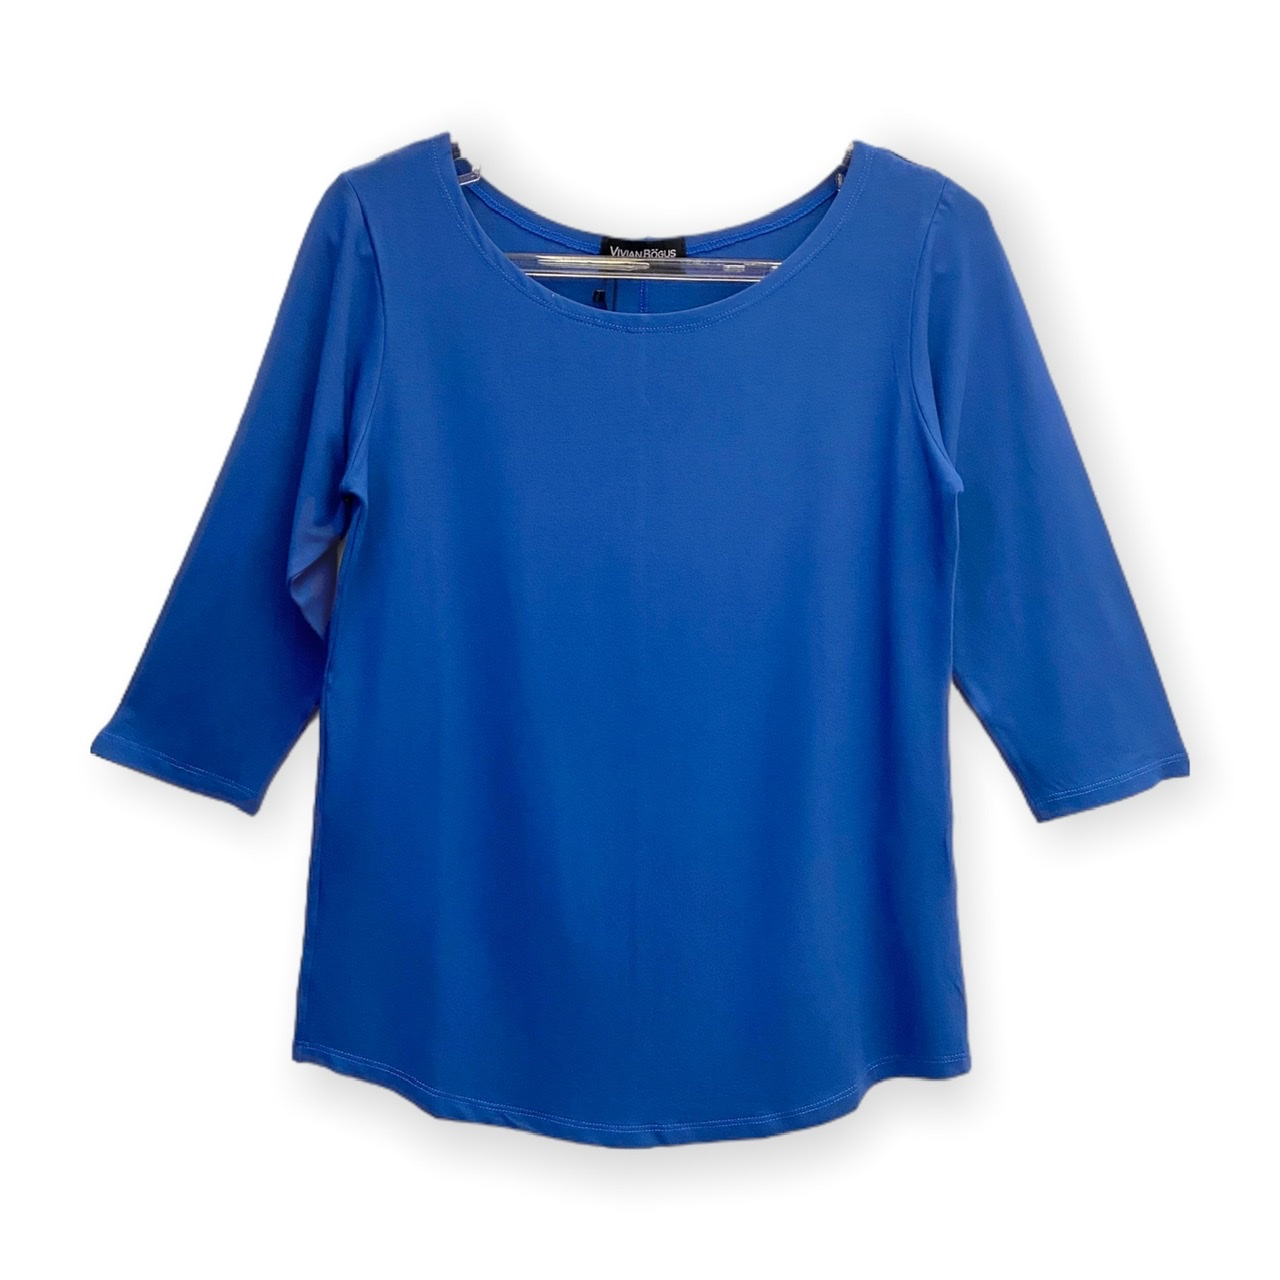 Blusa decote canoa manga 3/4 azul royal